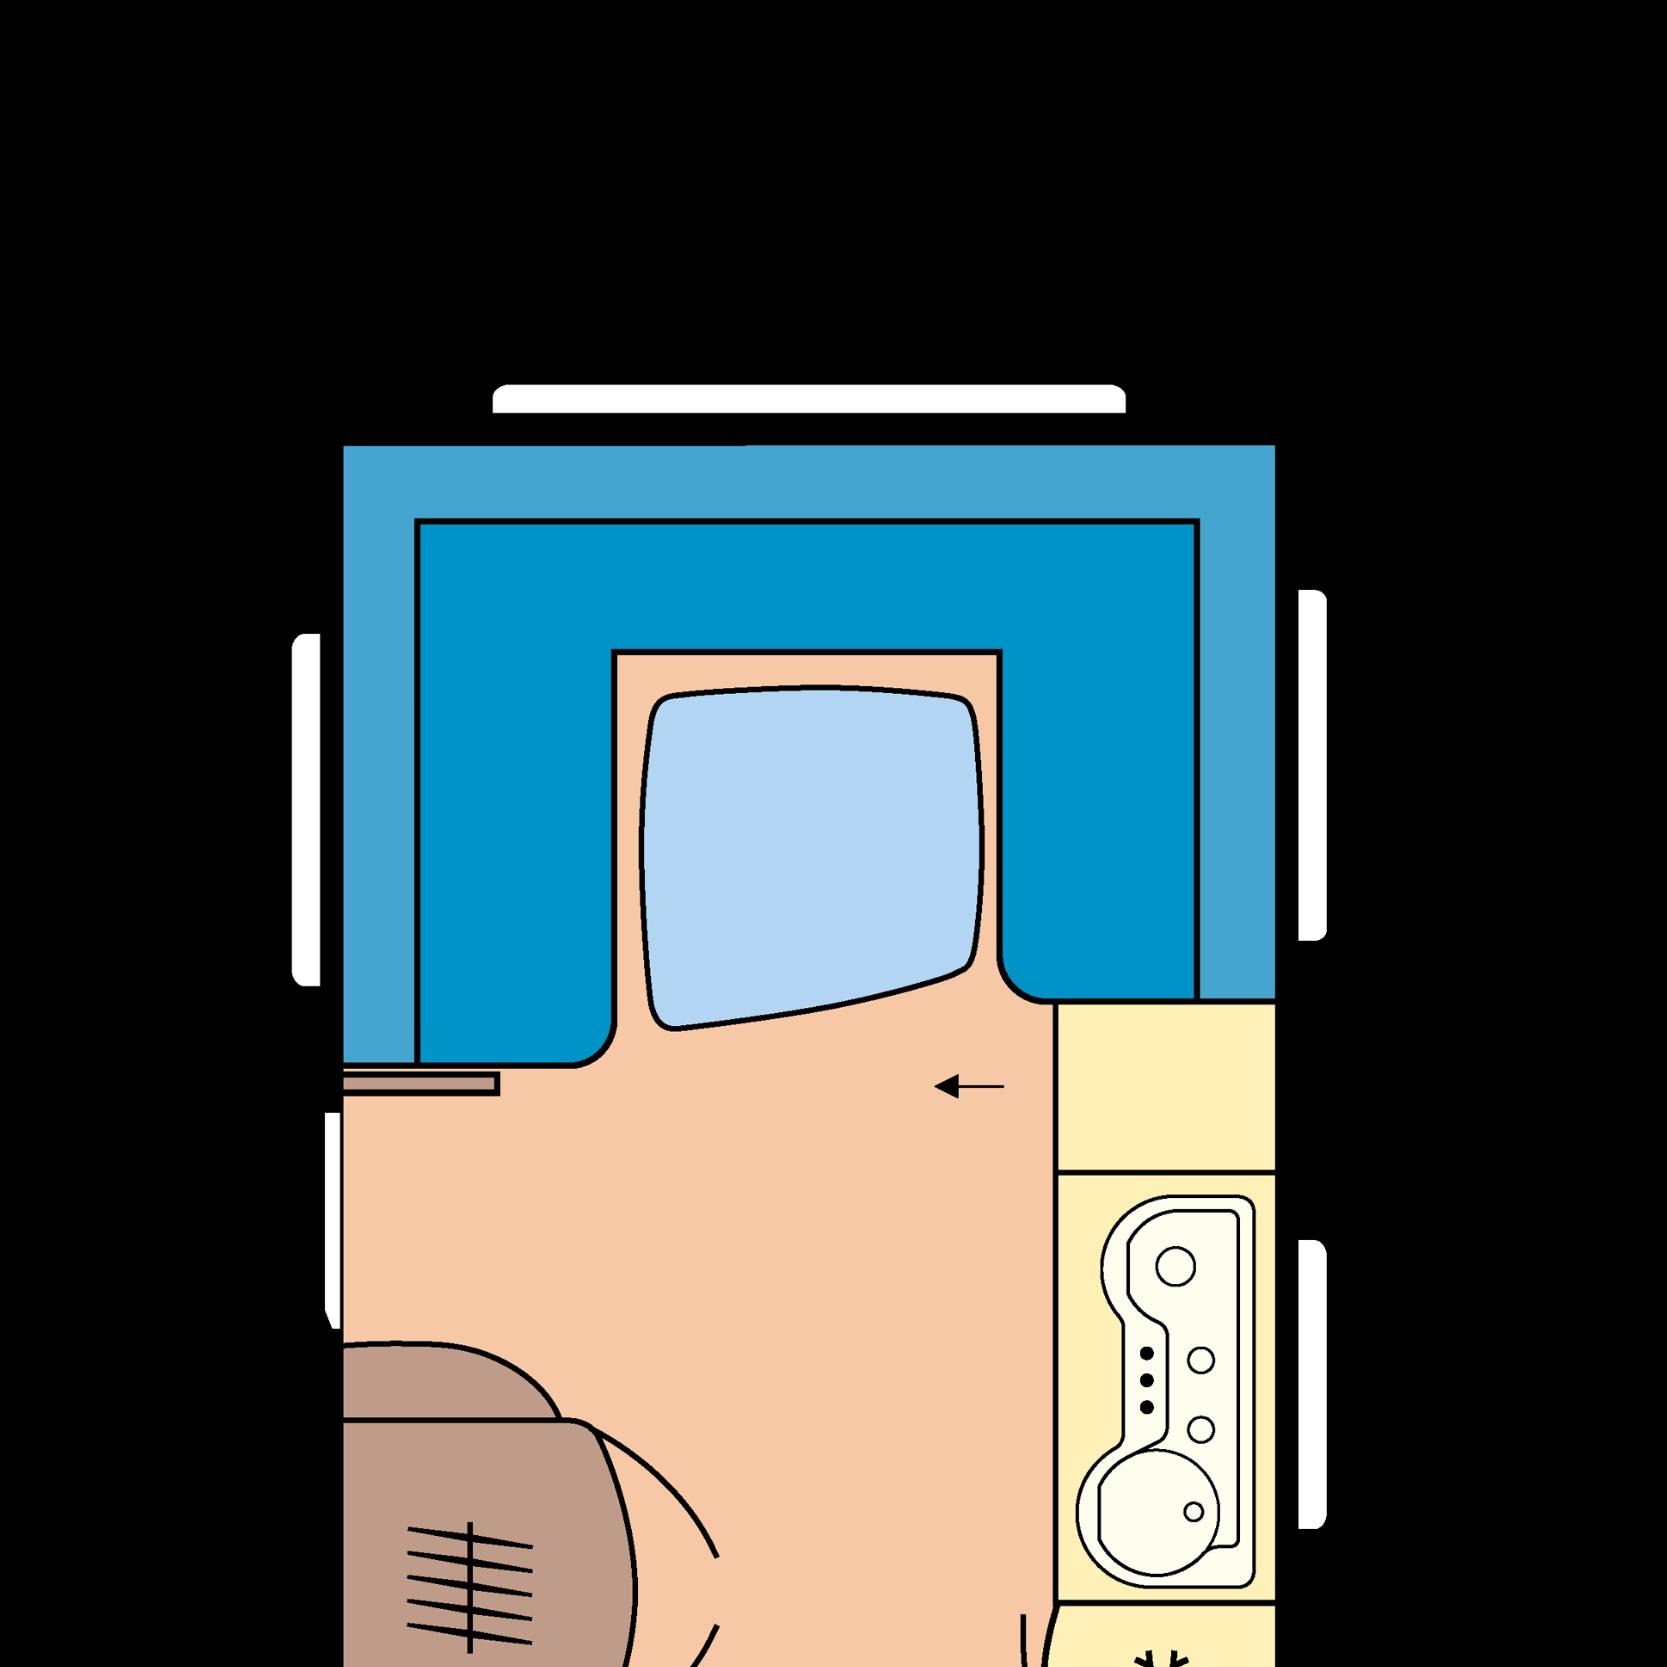 Grundrissplan eines Wohnwagens